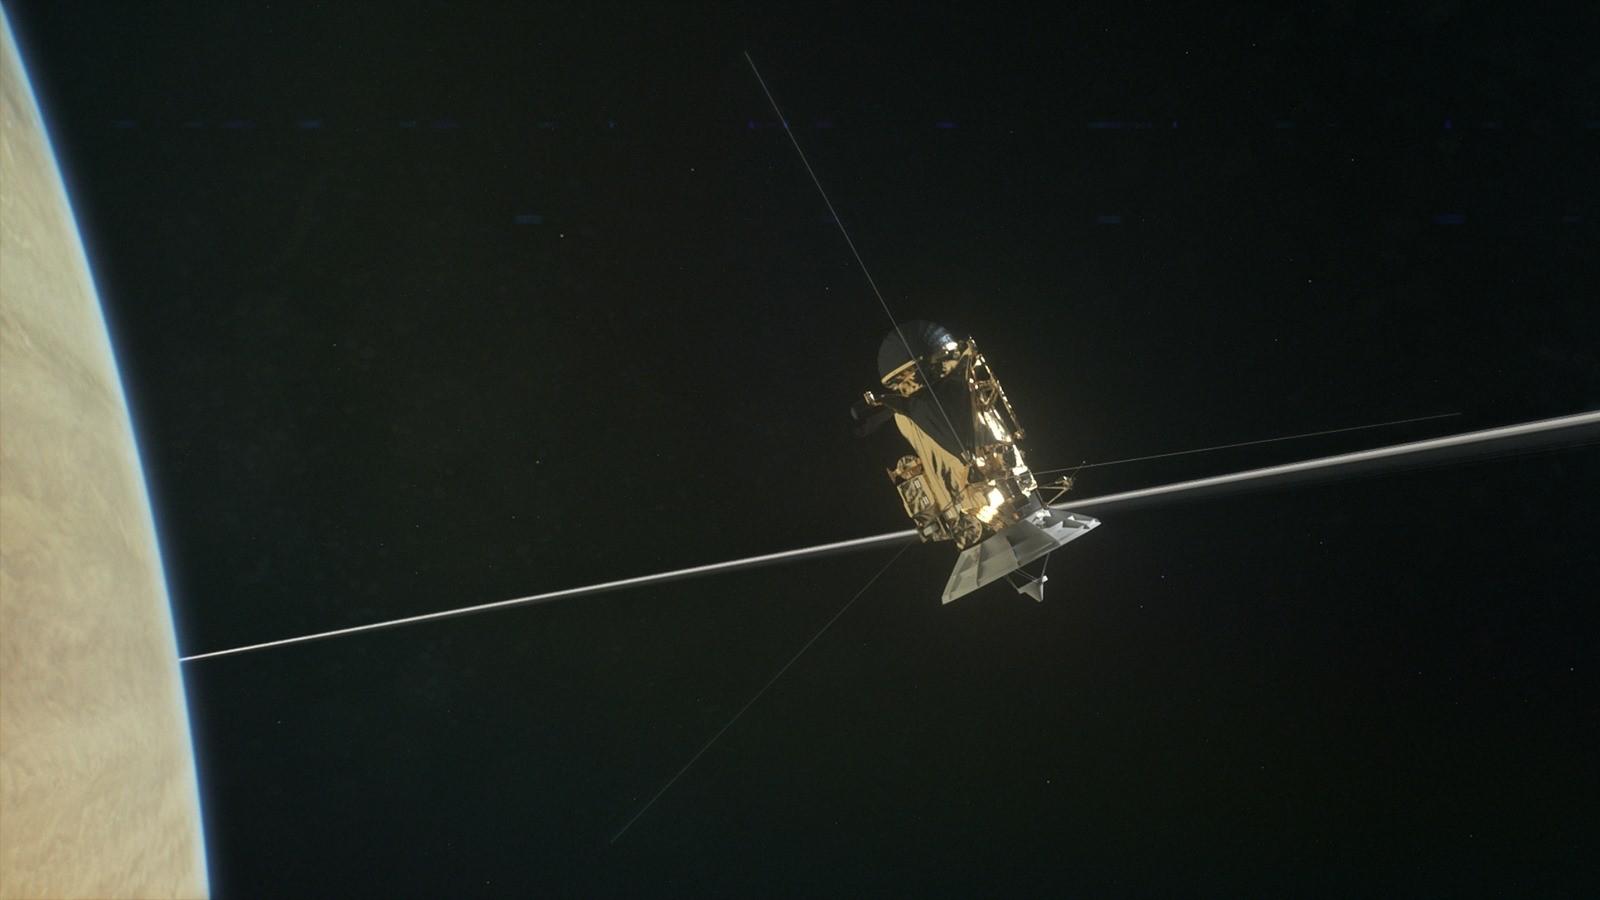 La sonde Cassini n'a pas entendu grand-chose en passant entre Saturne et ses anneaux et c'est plutôt bon signe